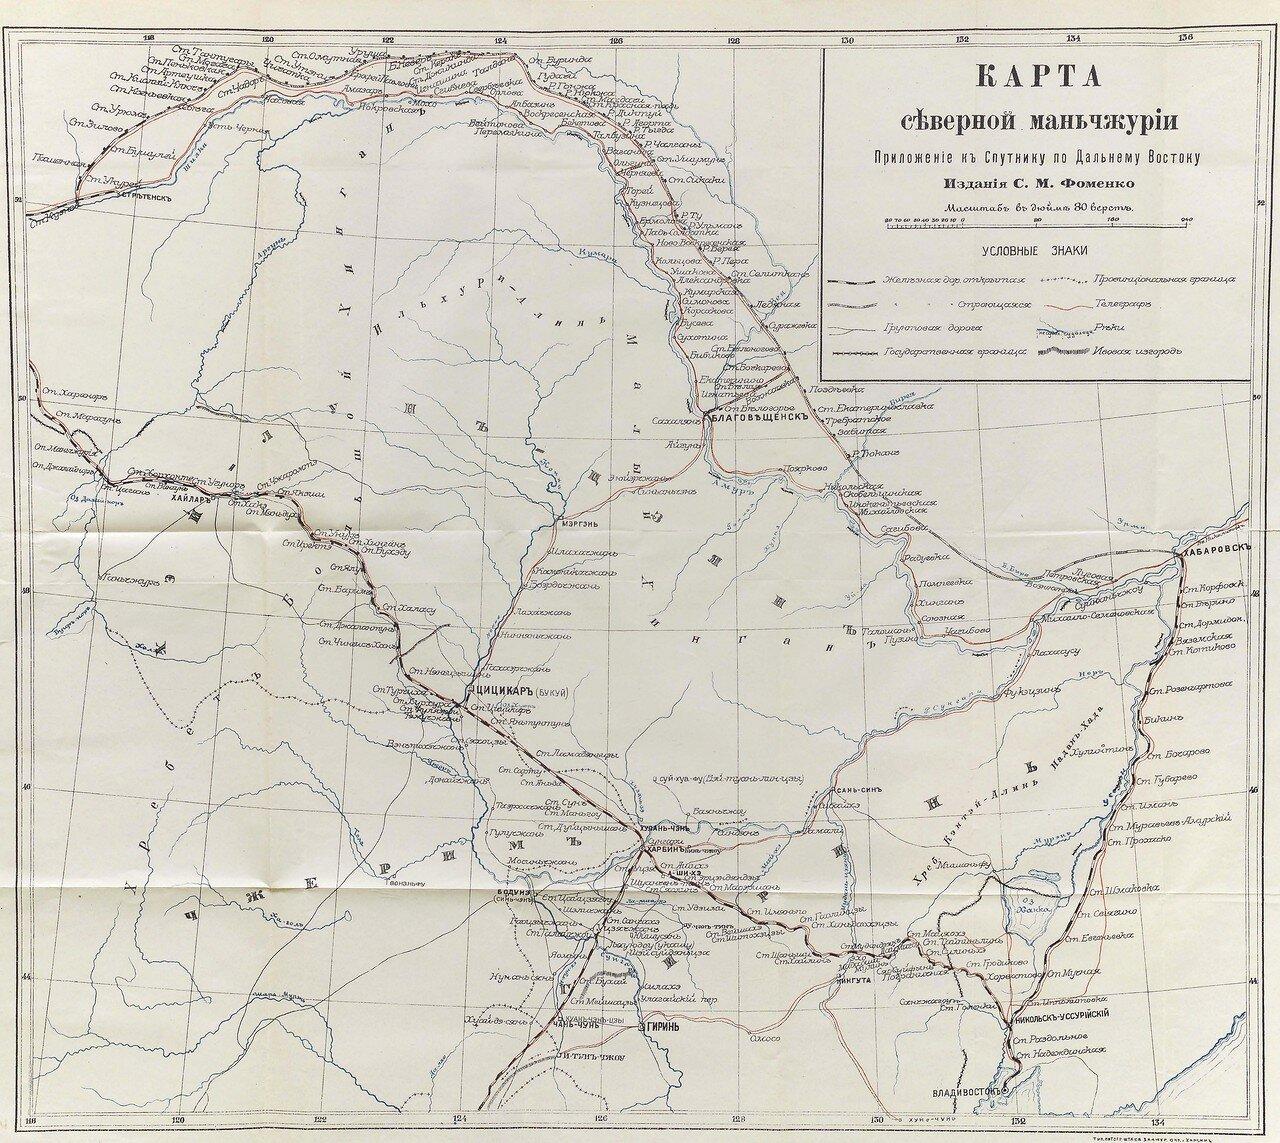 01. Карта Северной Маньчжурии